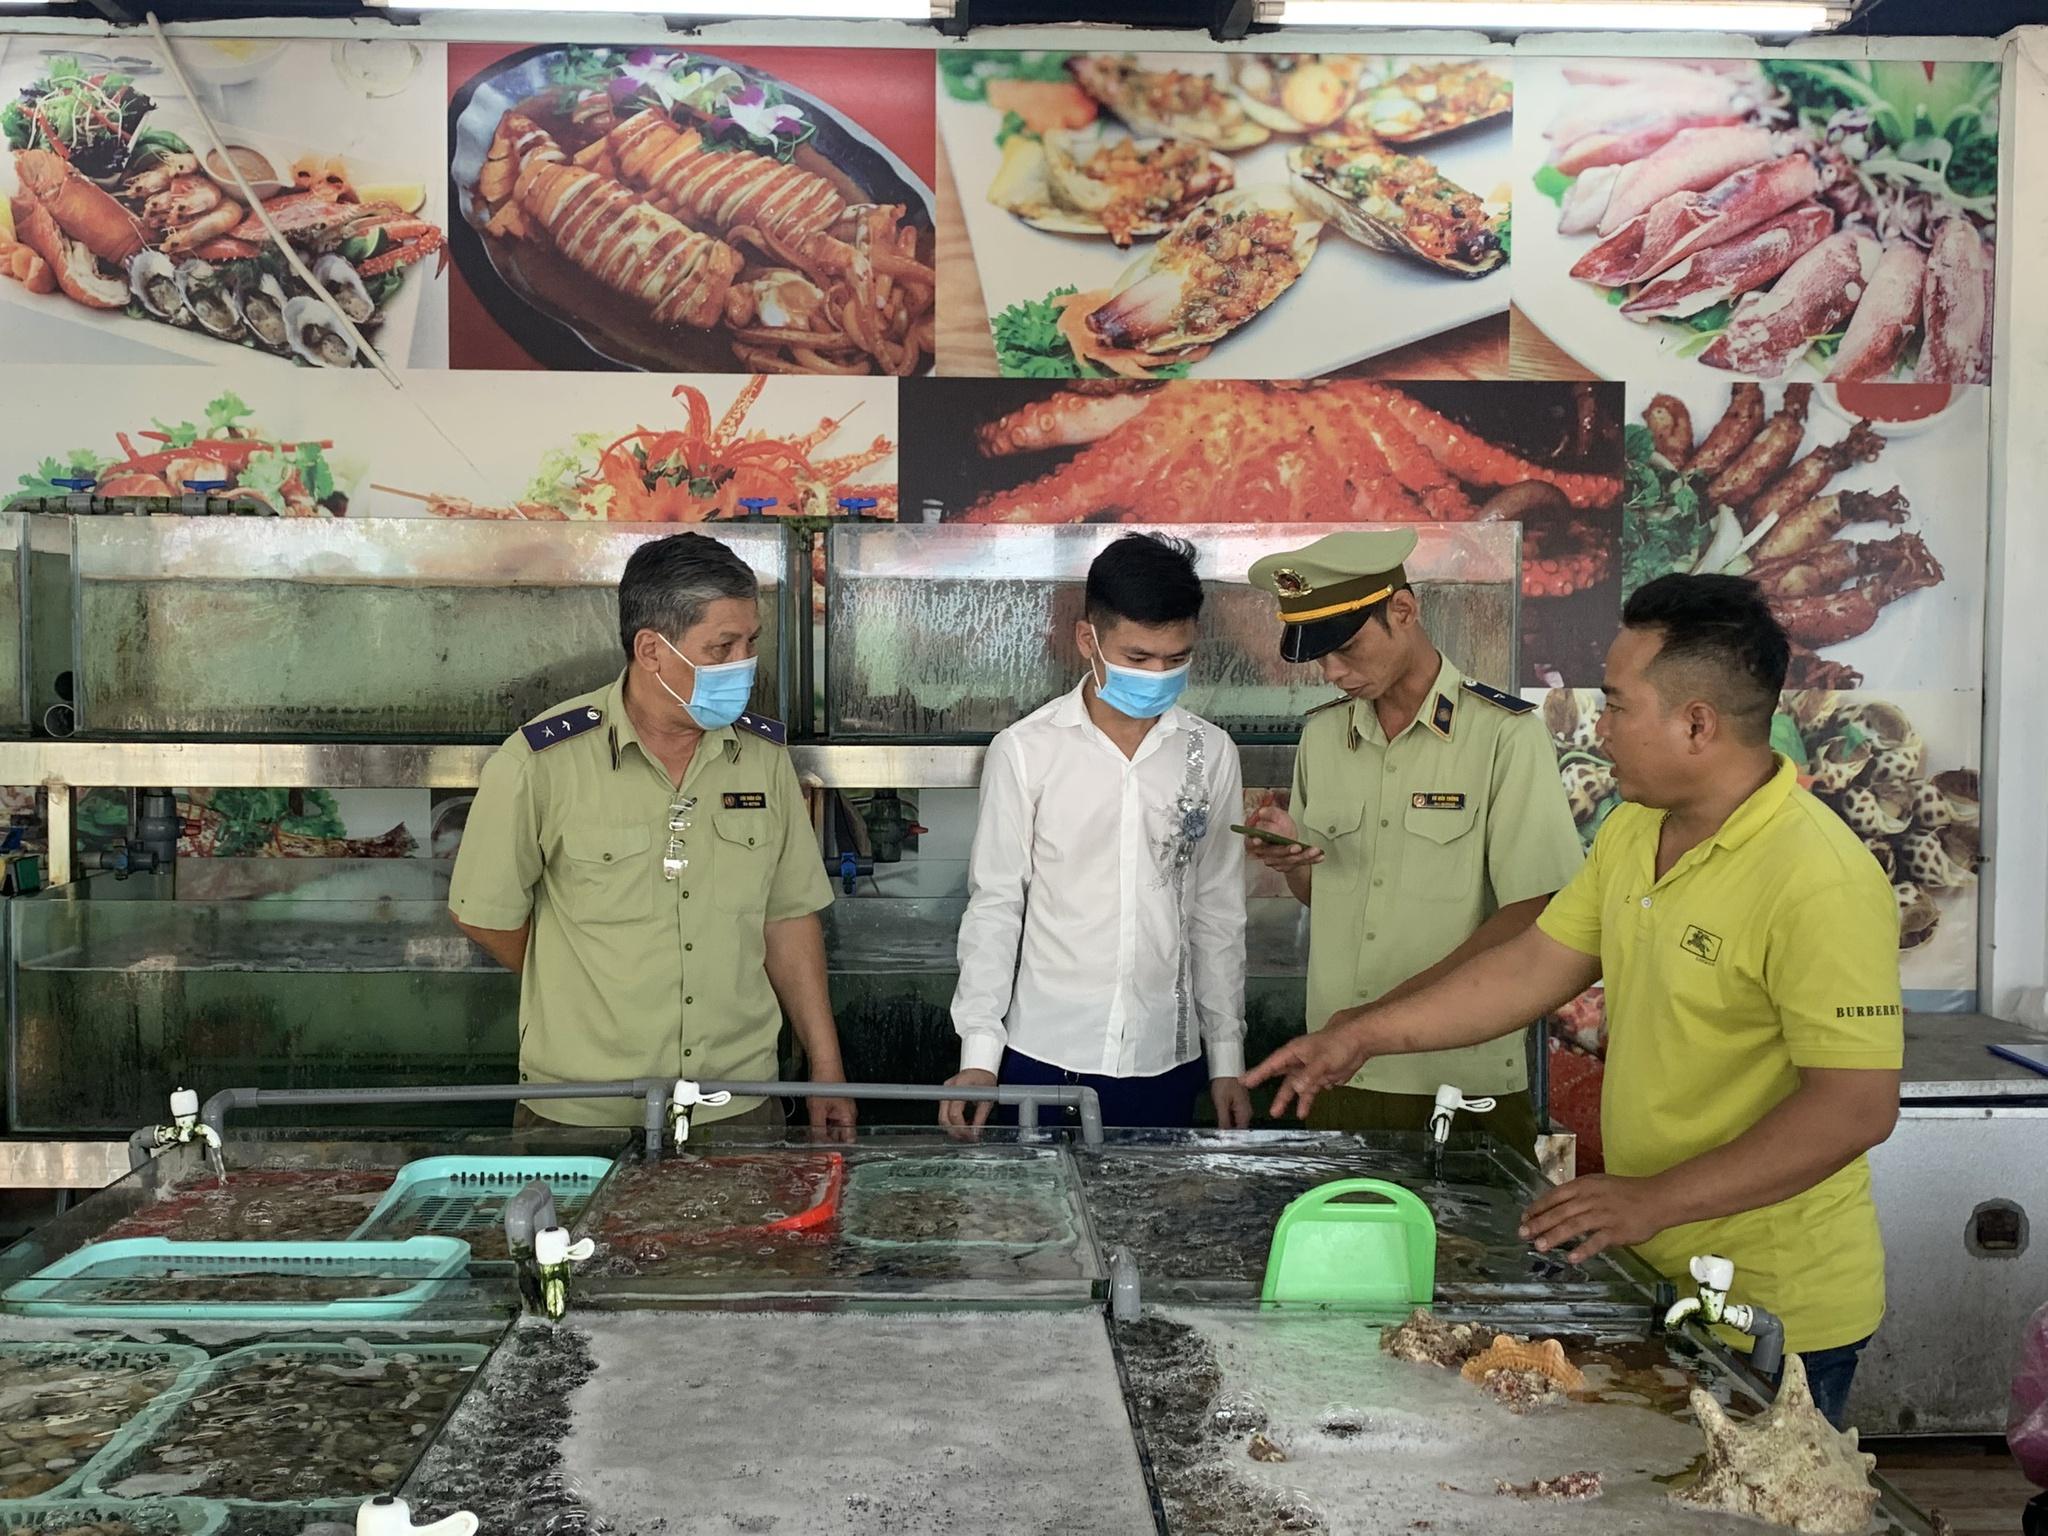 Cục Quản lý thị trường tỉnh Khánh Hòa: Xác minh thông tin, kiểm tra nhà hàng bị tố 'chặt chém' 0,5 kg ốc hương giá 900.000 đồng.